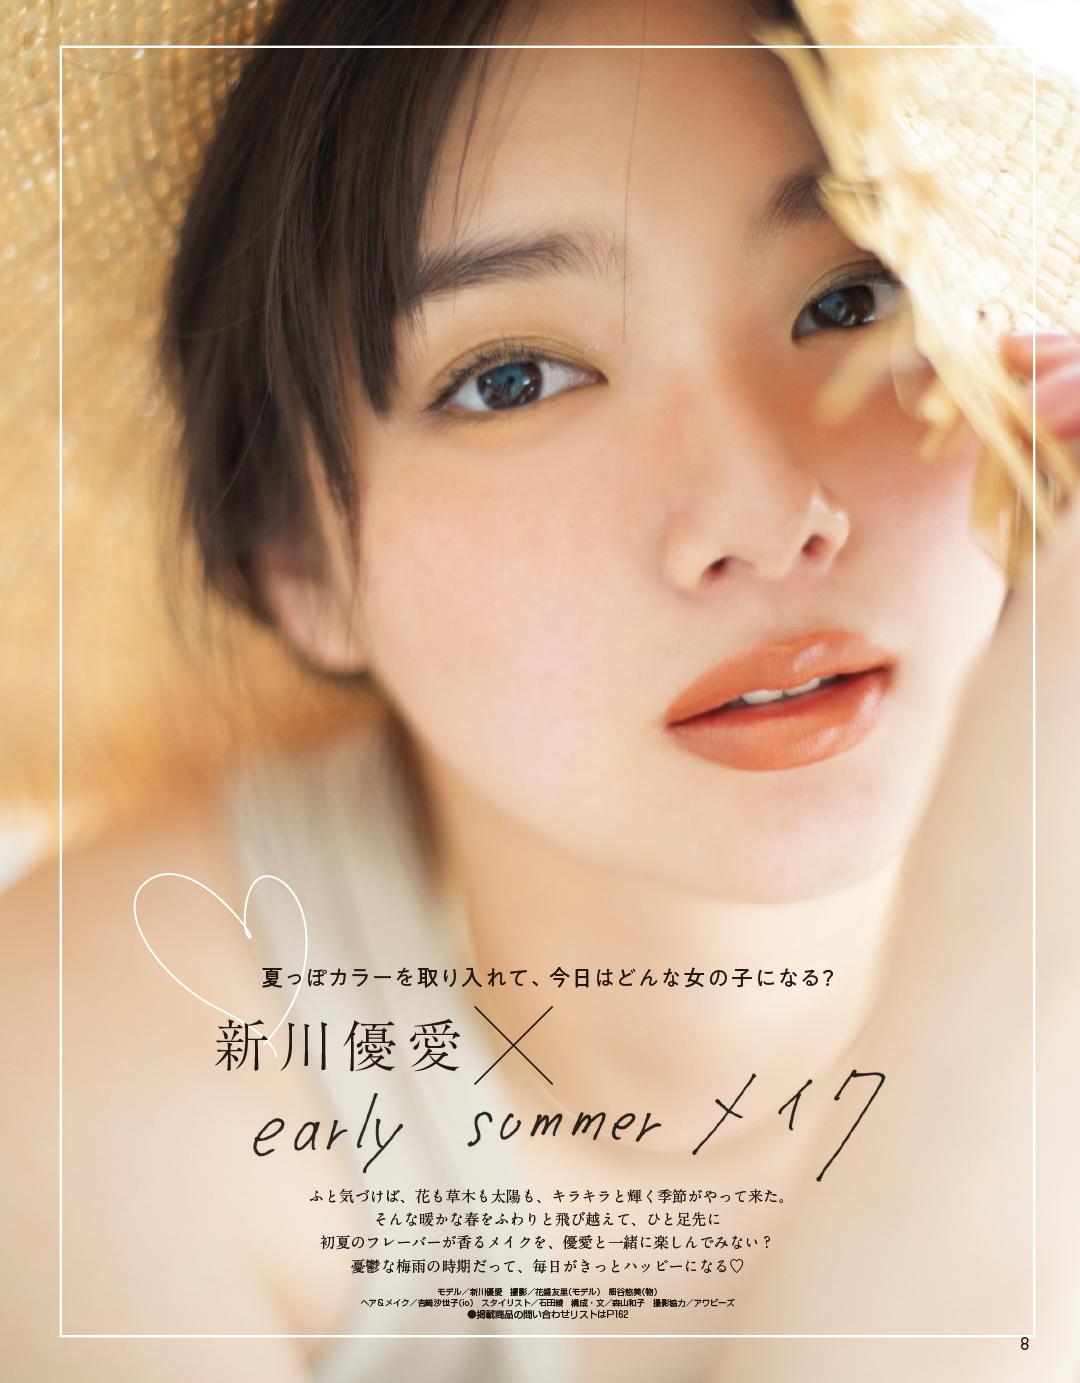 新川優愛 × early summer メイク